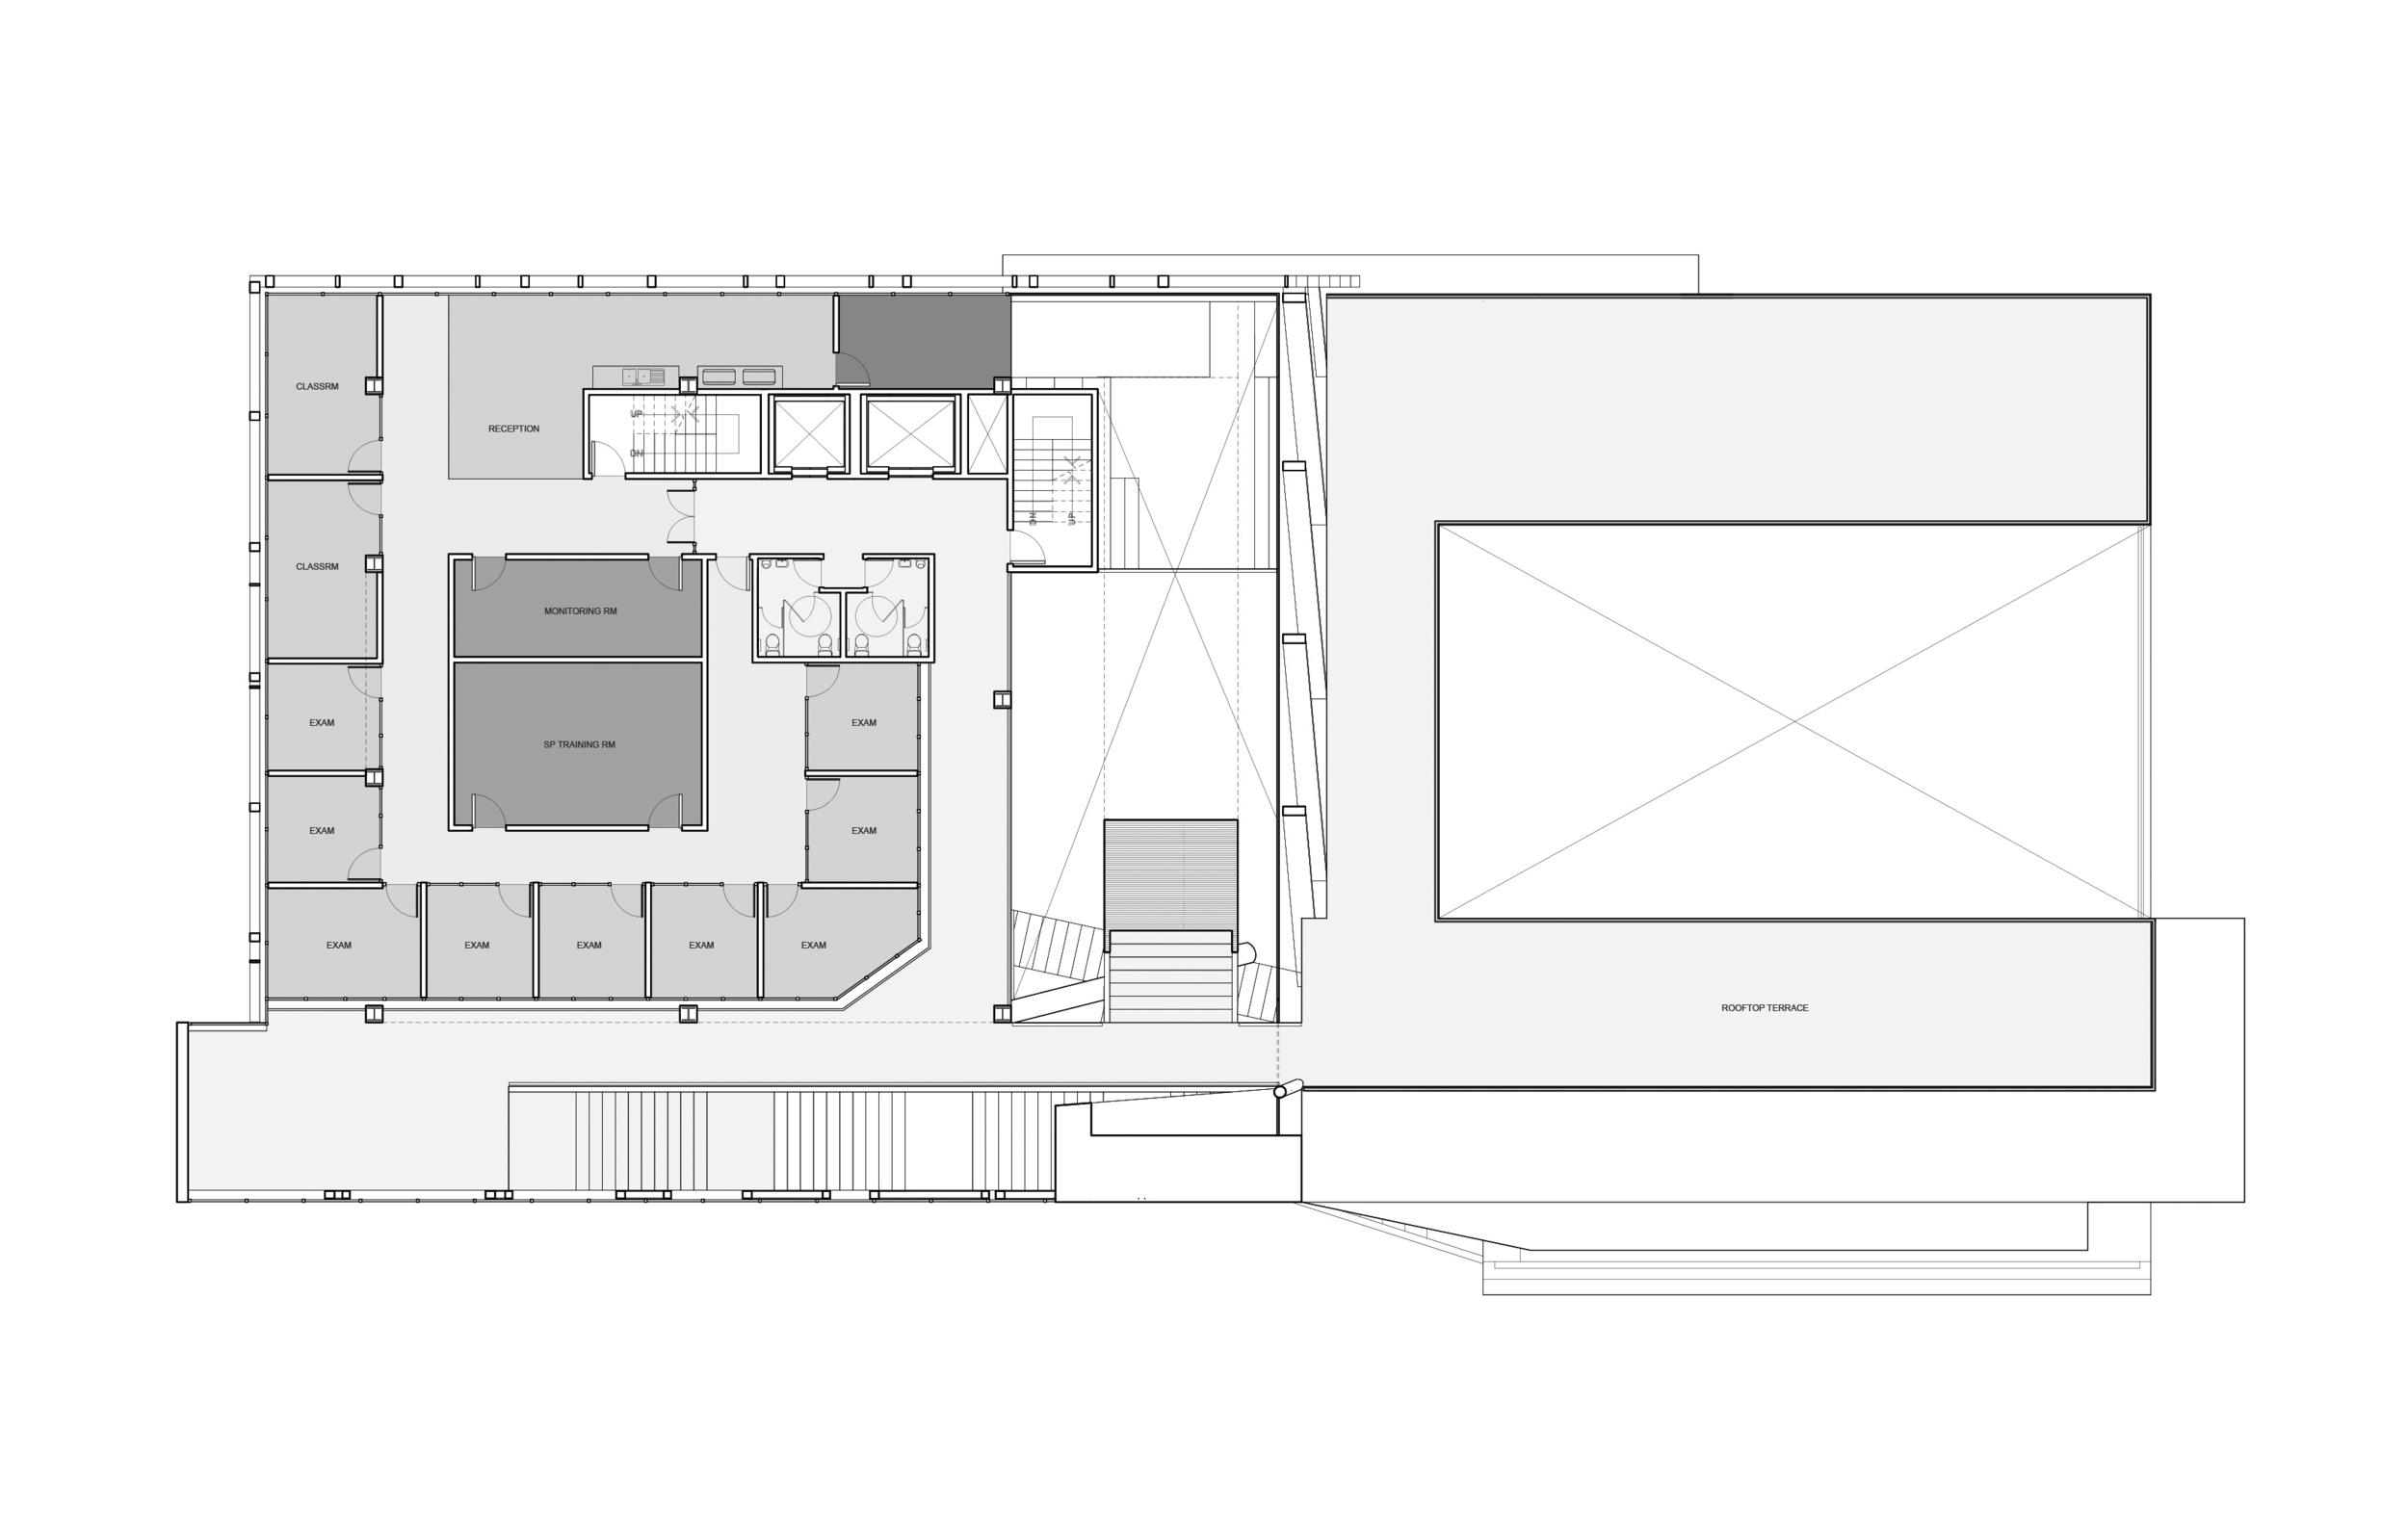 plans-13.jpg